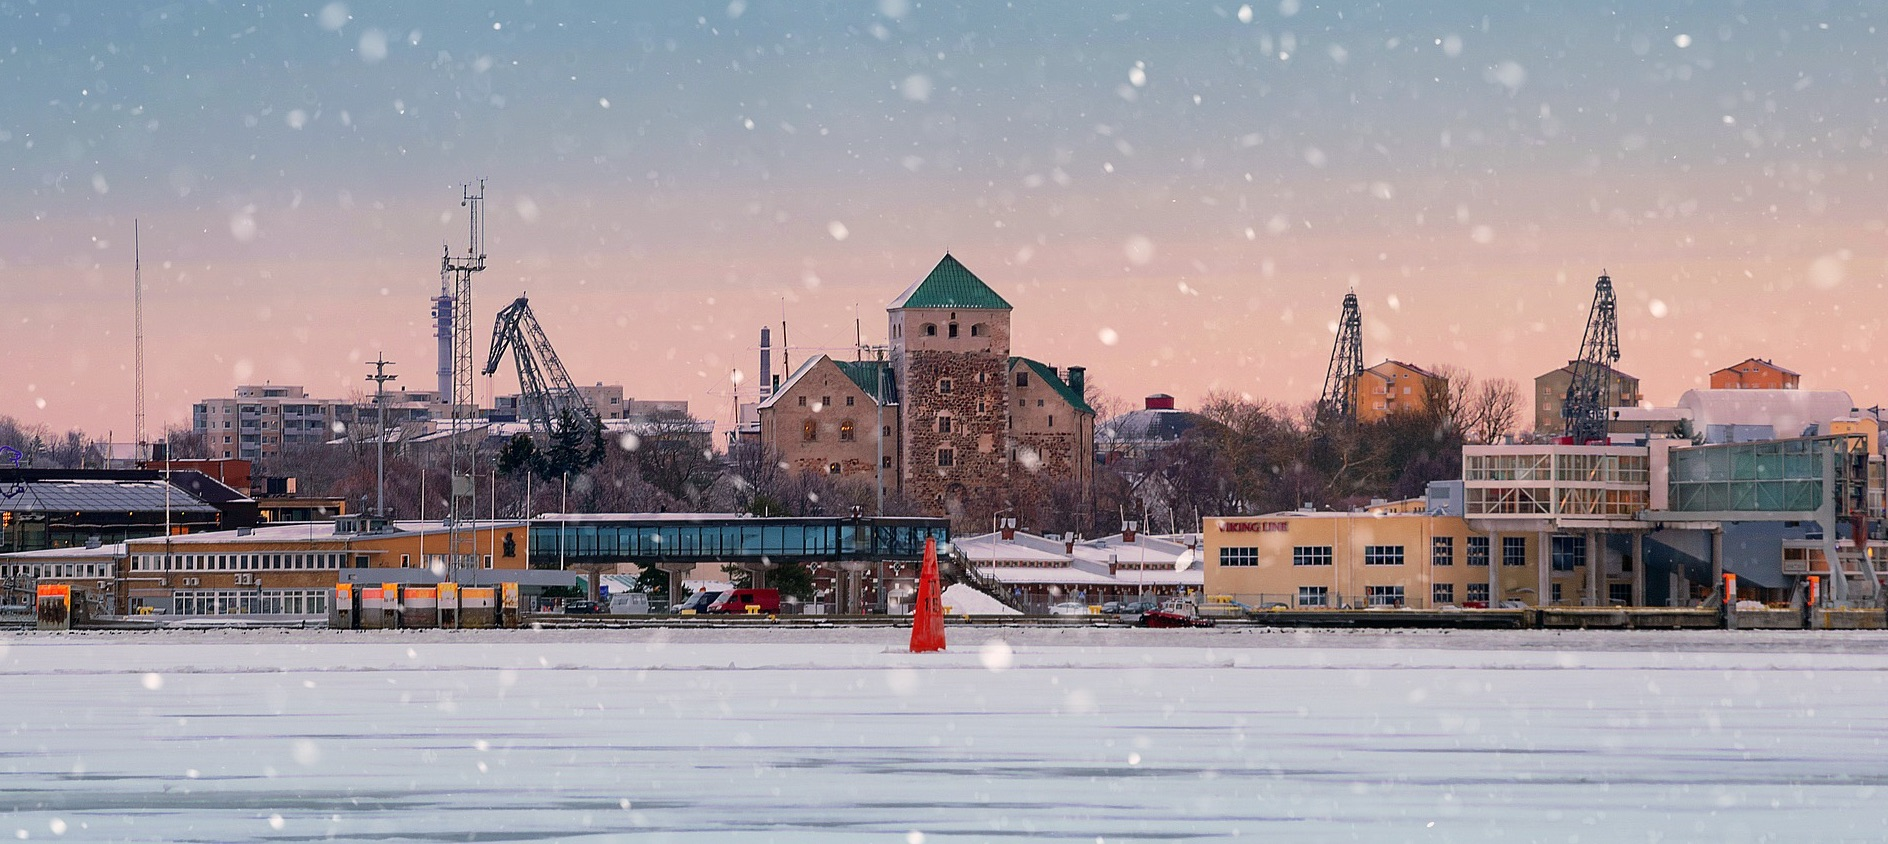 图尔库 城市照片